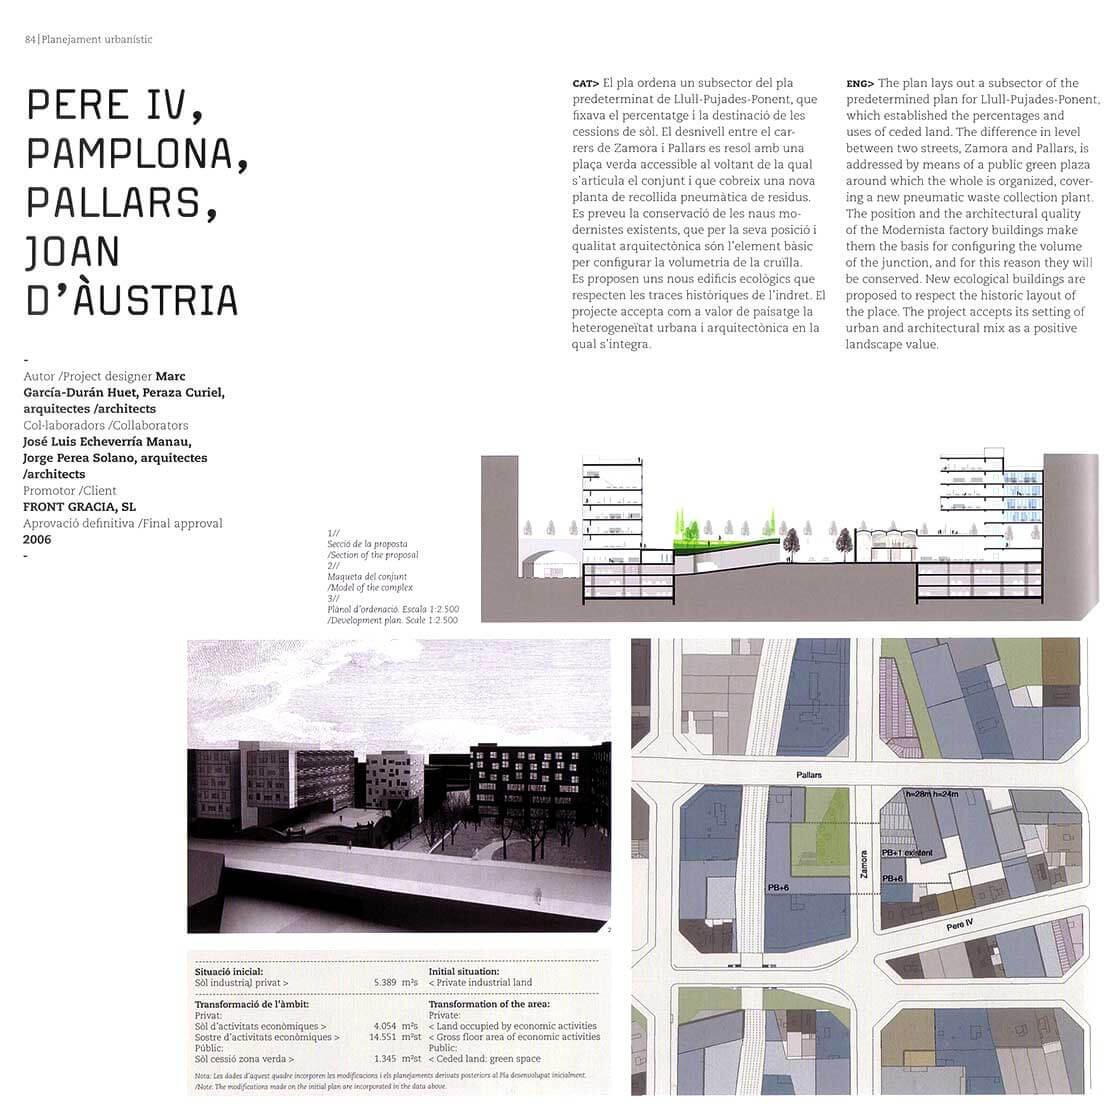 22 @ - página 84 @Marc García-Durán, arquitecto